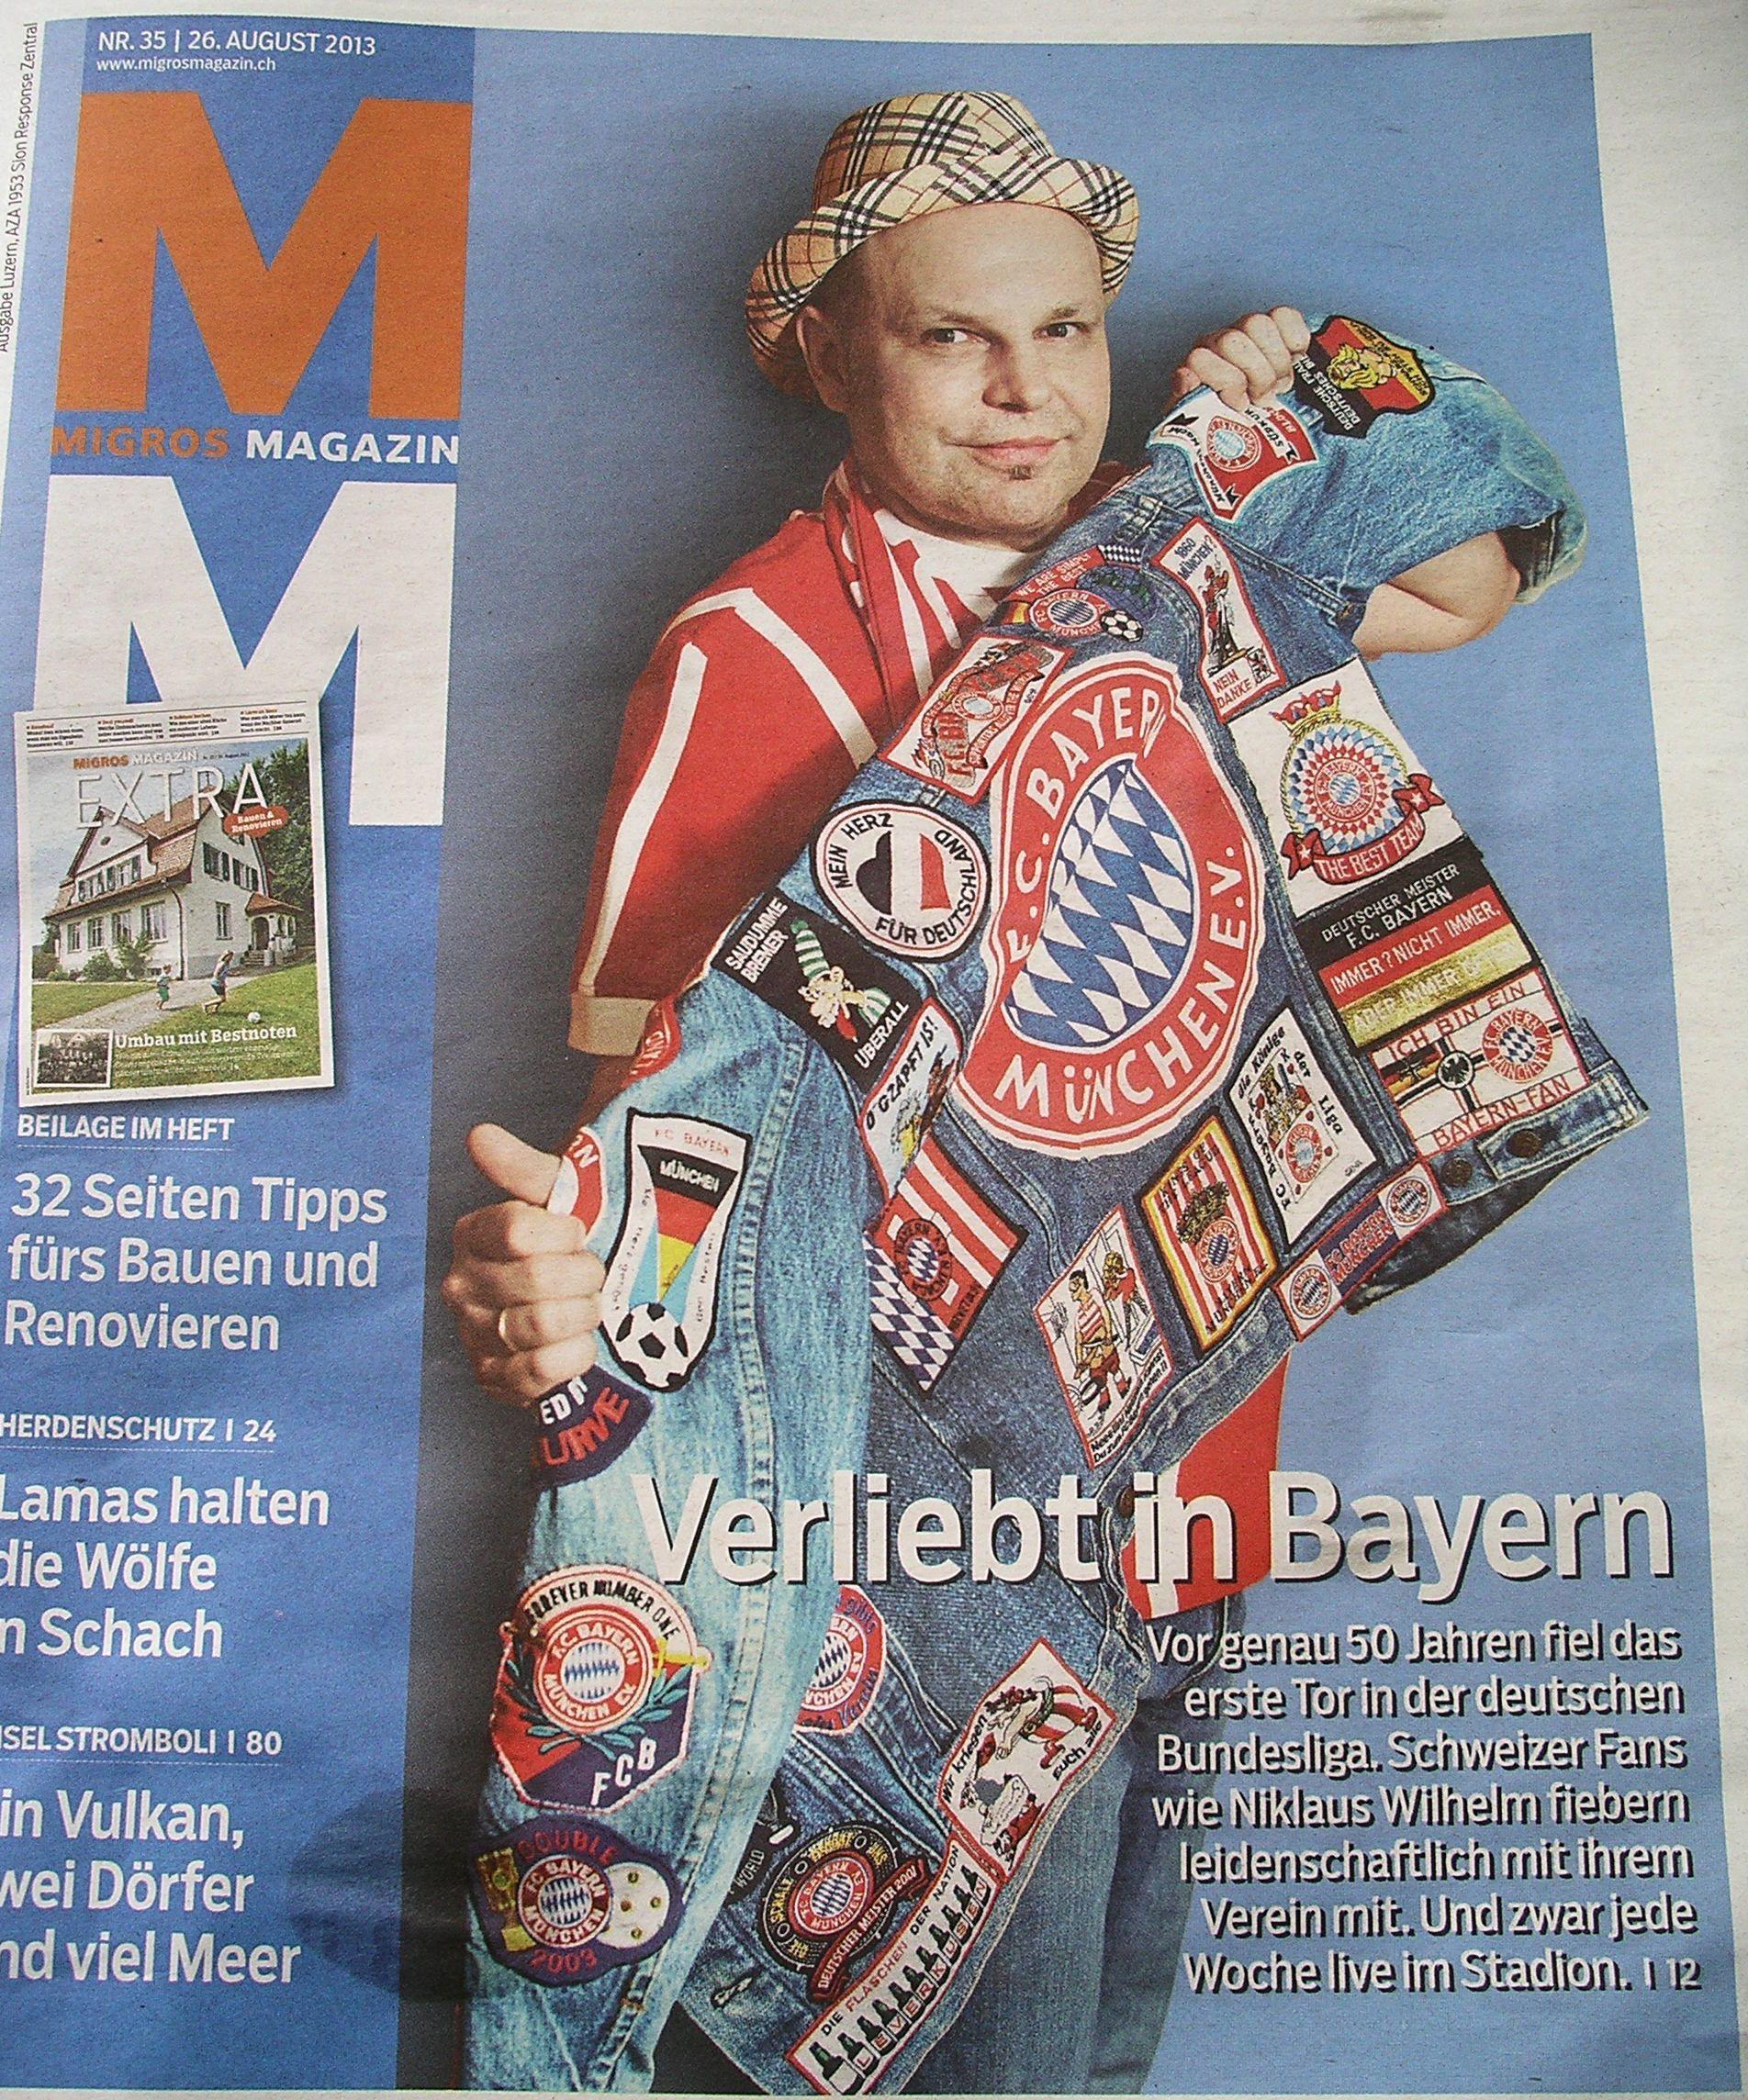 Der FC Bayern auf dem Titelblatt des MIGROS Magazin!